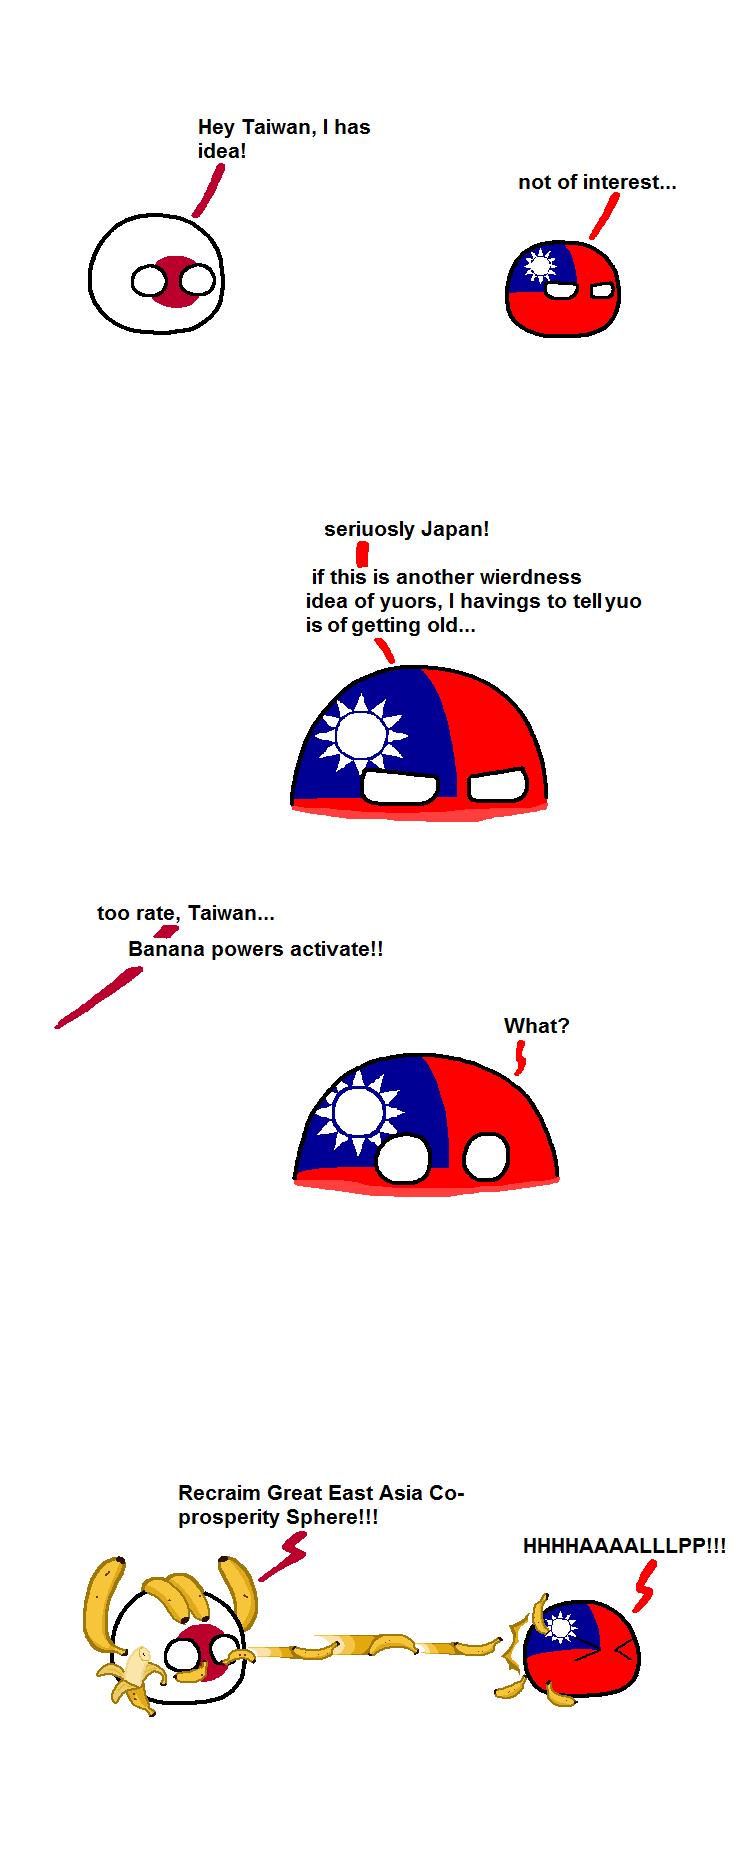 Japan has an idea!